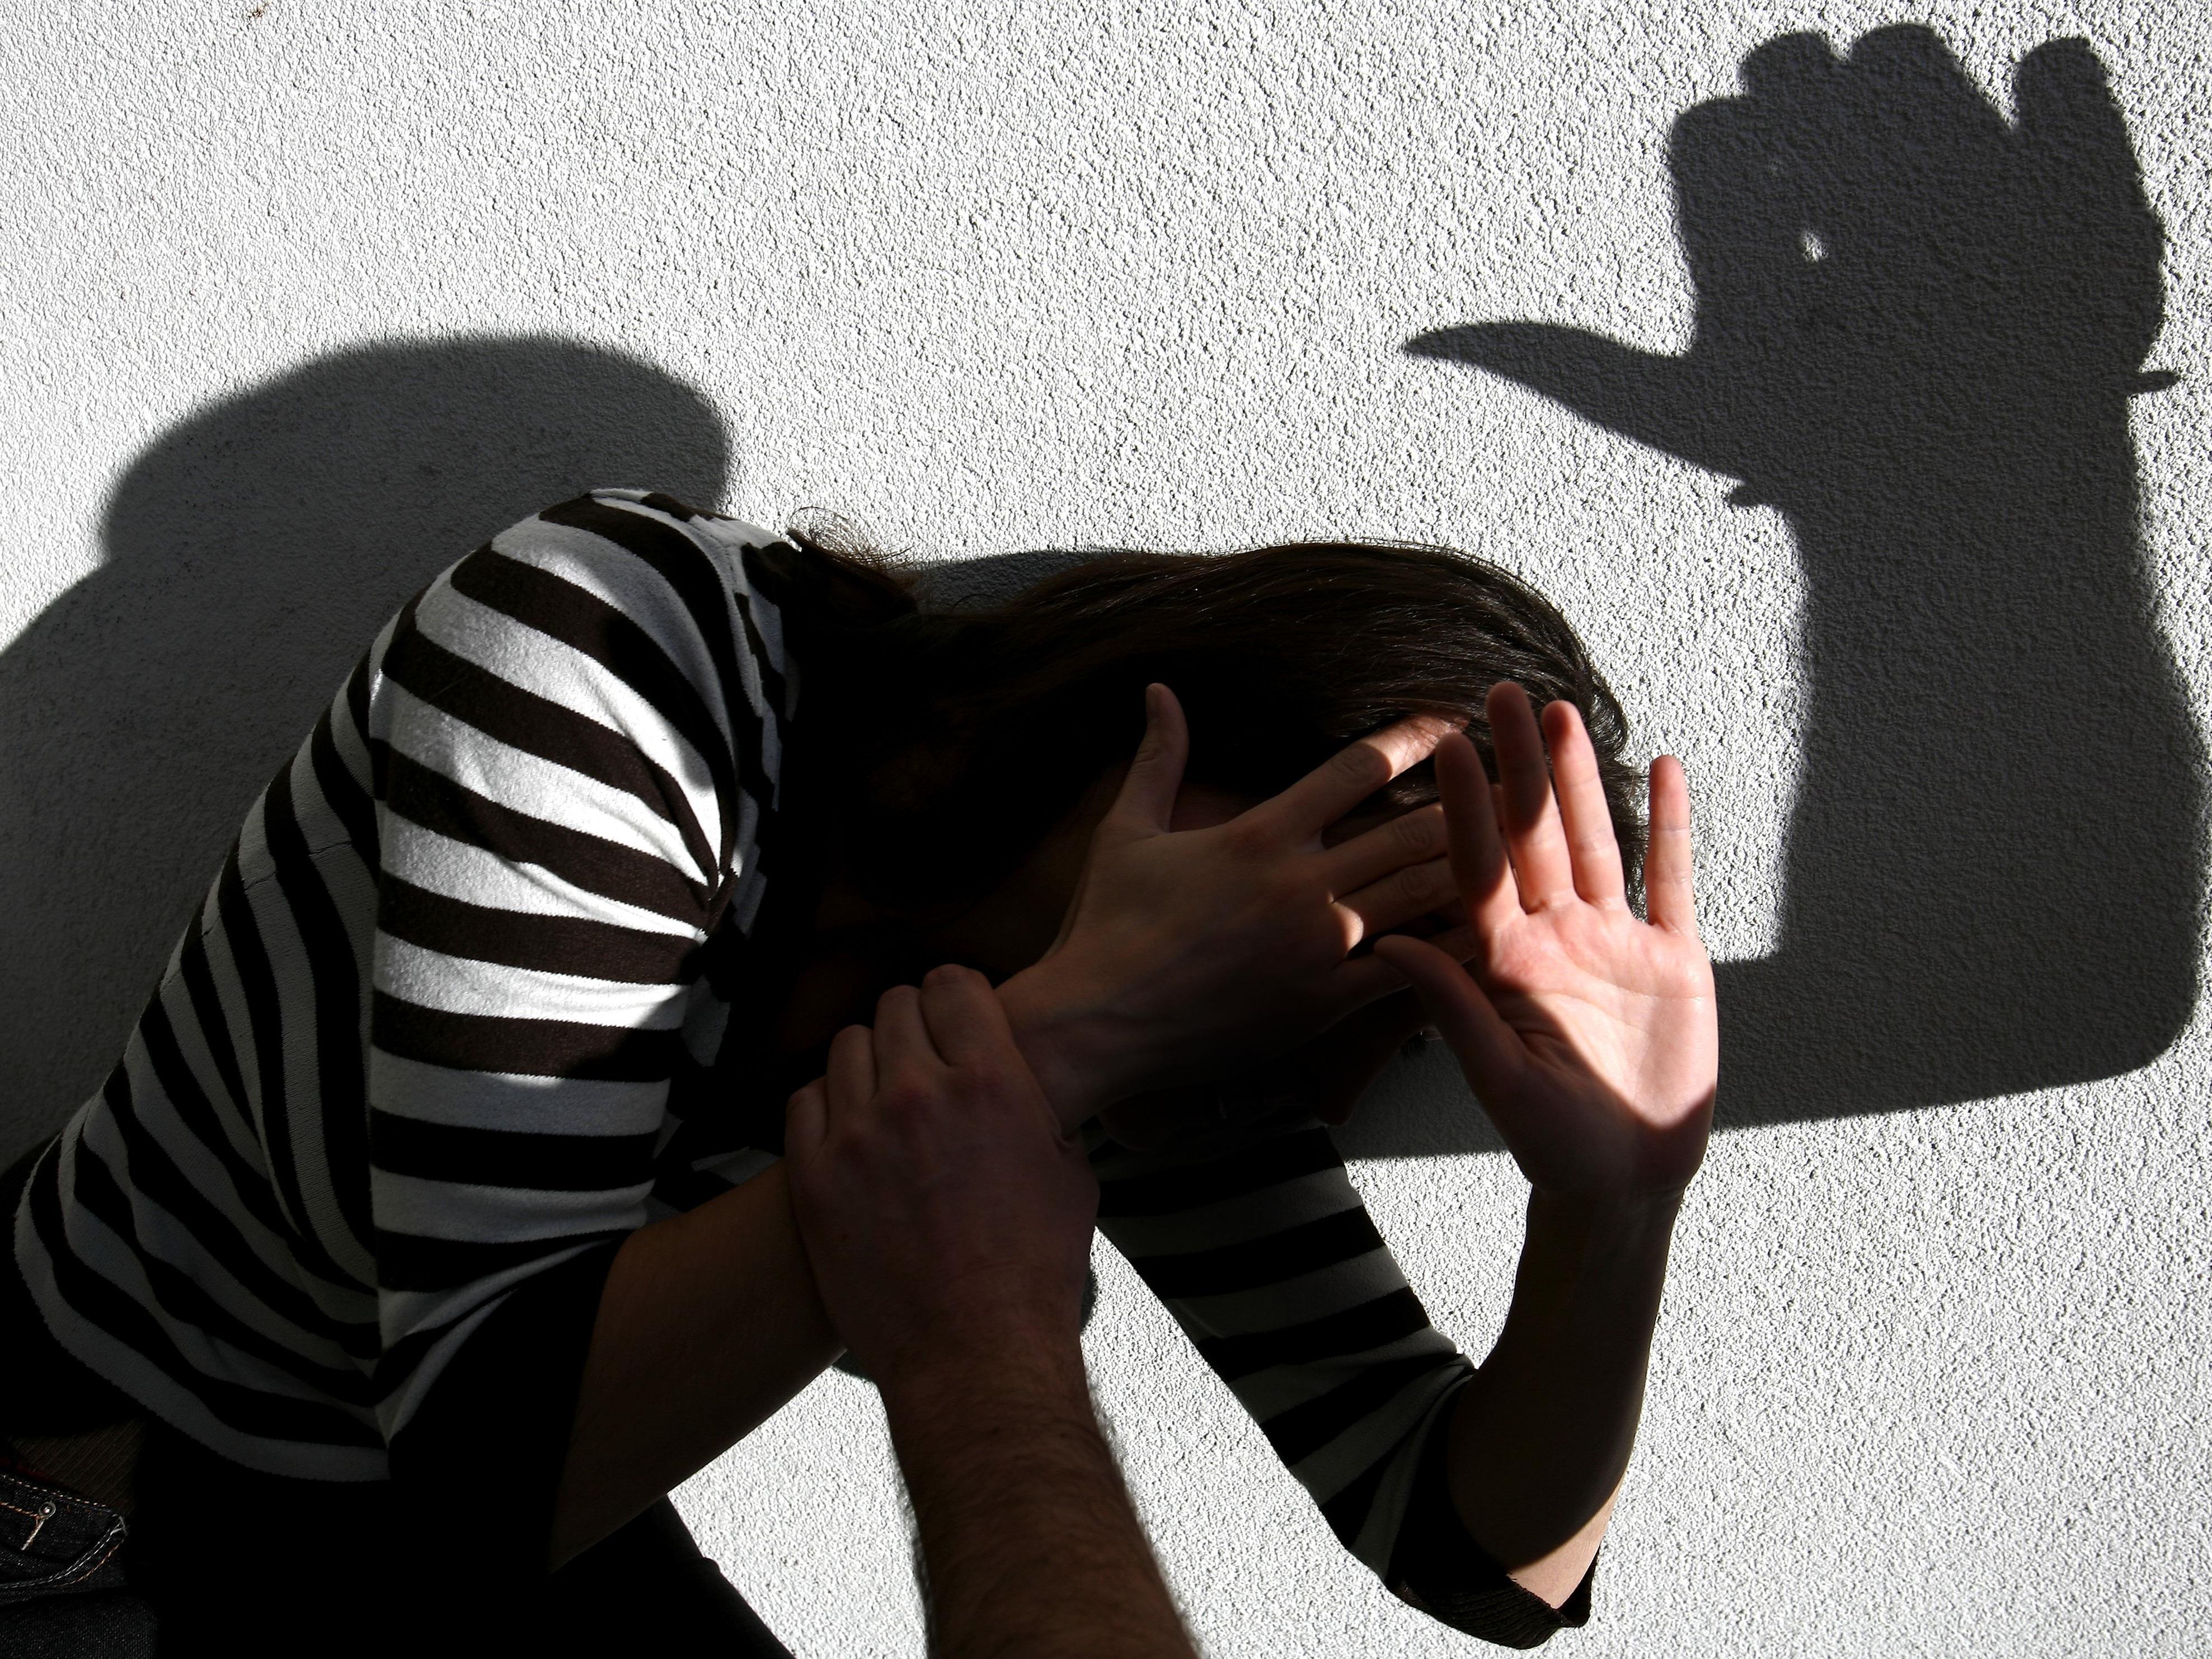 Der junge Mann prügelte auf seine Freundin und die Wiener Polizei ein.